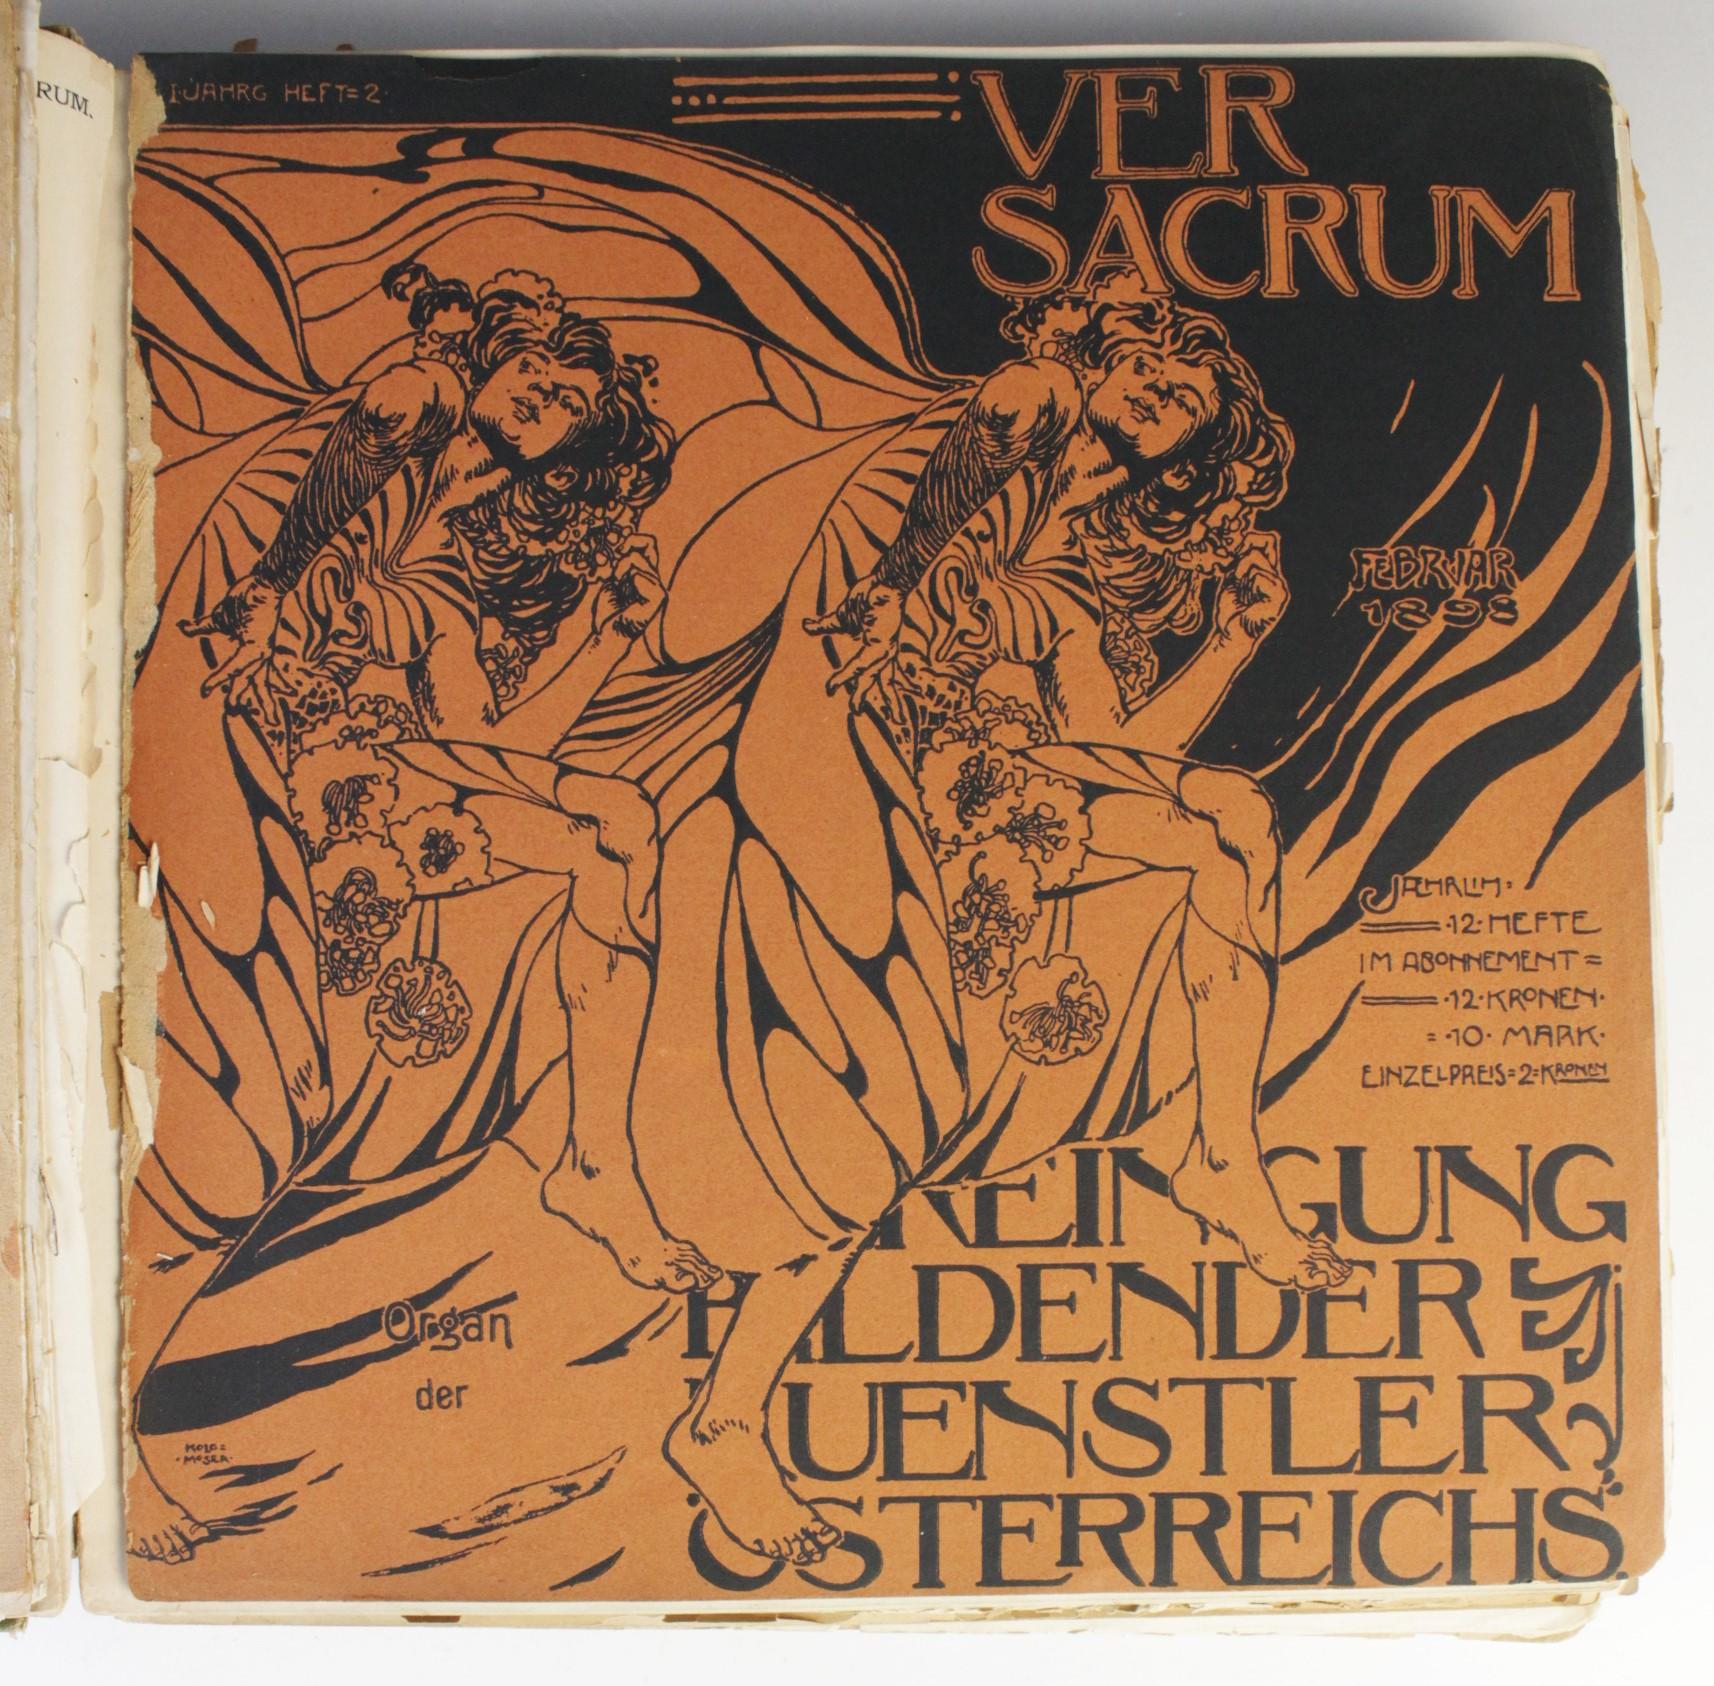 VER SACRUM, ORGAN DER JEREINIGUNG BILDENDER KUENSTLER OSTERREICHS [ORGAN OF THE PURIFICATION OF - Image 4 of 16